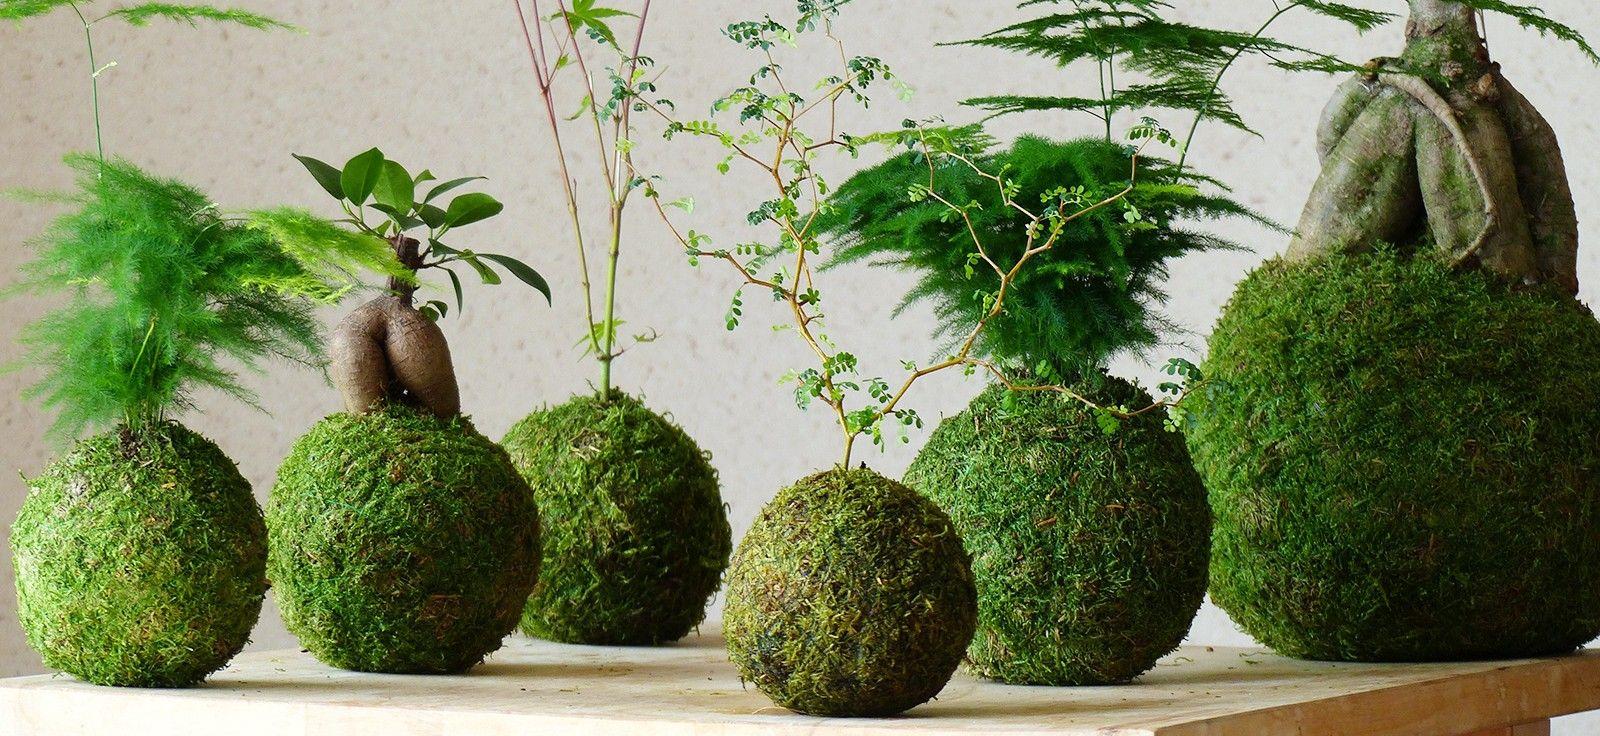 D couvrez le kokedama un art floral japonais original for Plante kokedama